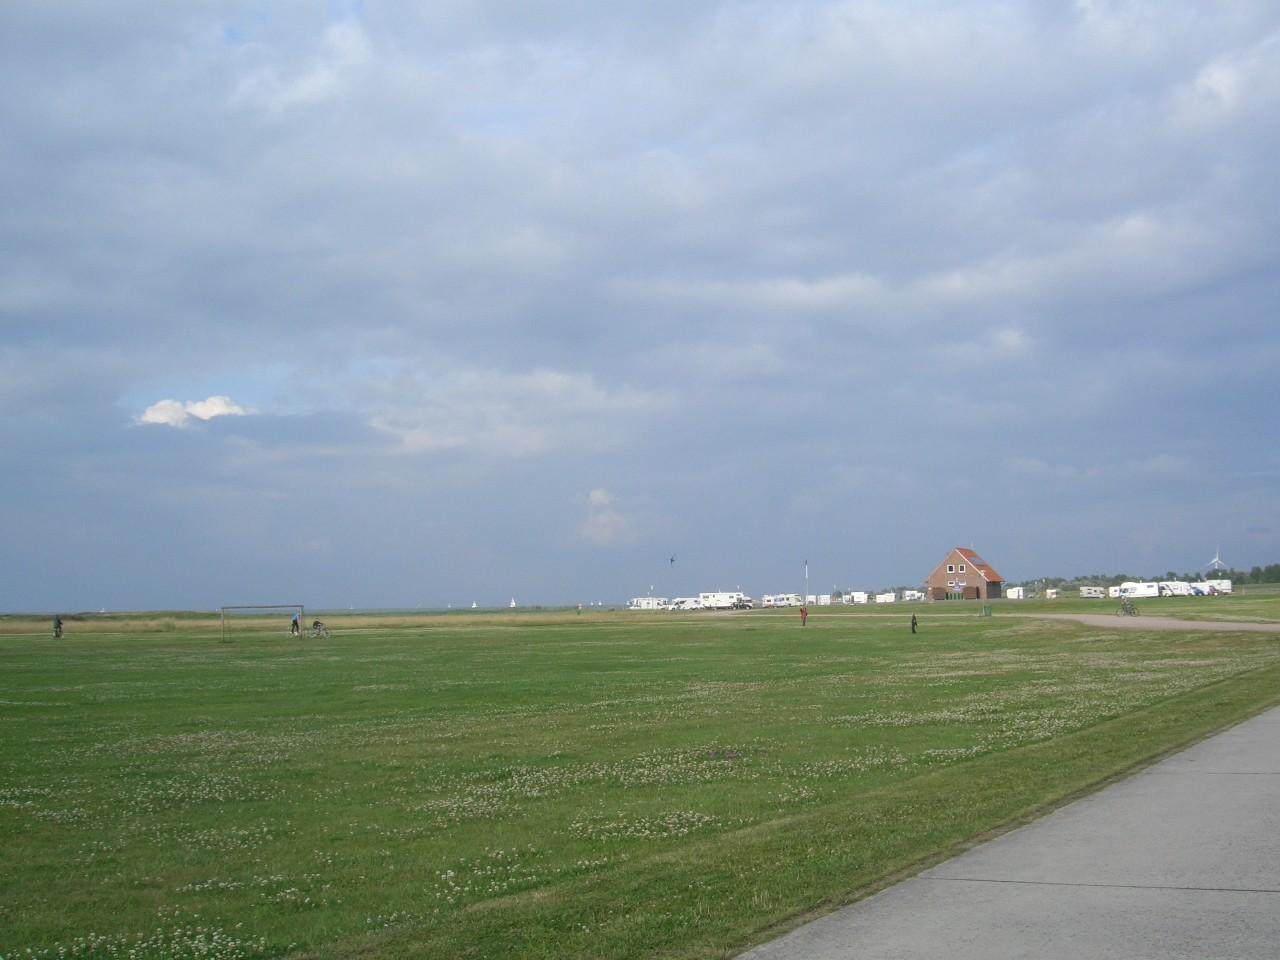 Weites flaches Land mit Stellplatz und Meer im Hintergrund